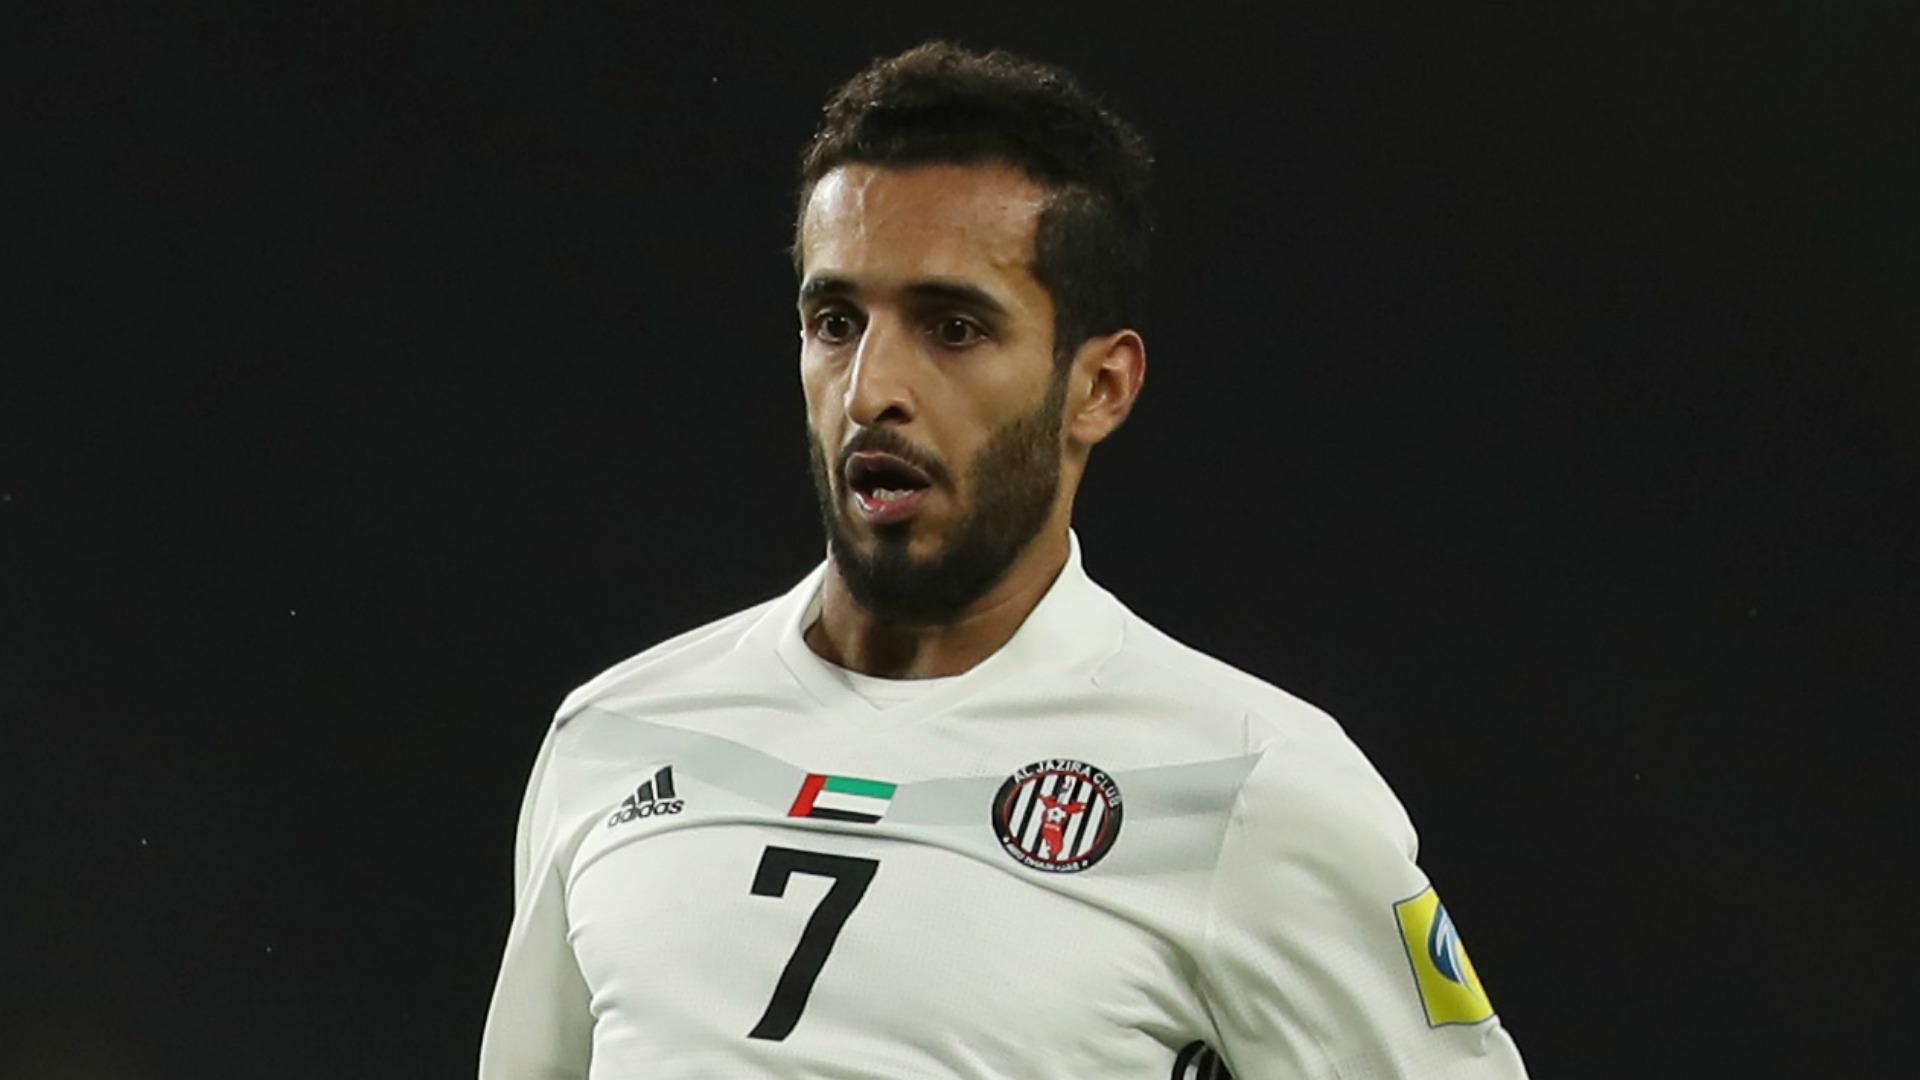 Ali Mabkhout Al Jazira 2017